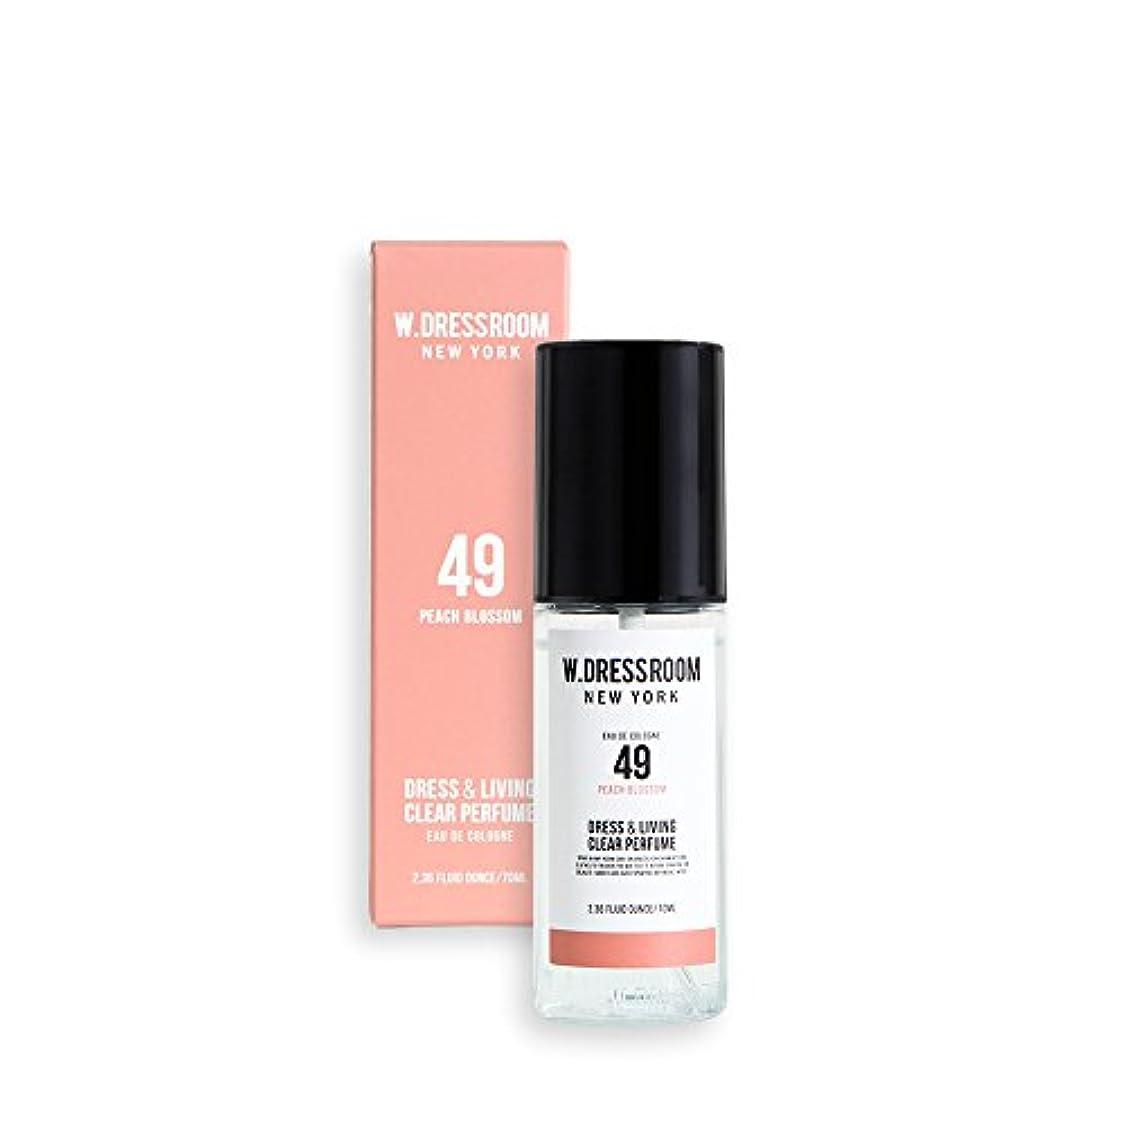 メカニック火曜日距離W.DRESSROOM Dress & Living Clear Perfume 70ml/ダブルドレスルーム ドレス&リビング クリア パフューム 70ml (#No.49 Peach Blossom) [並行輸入品]